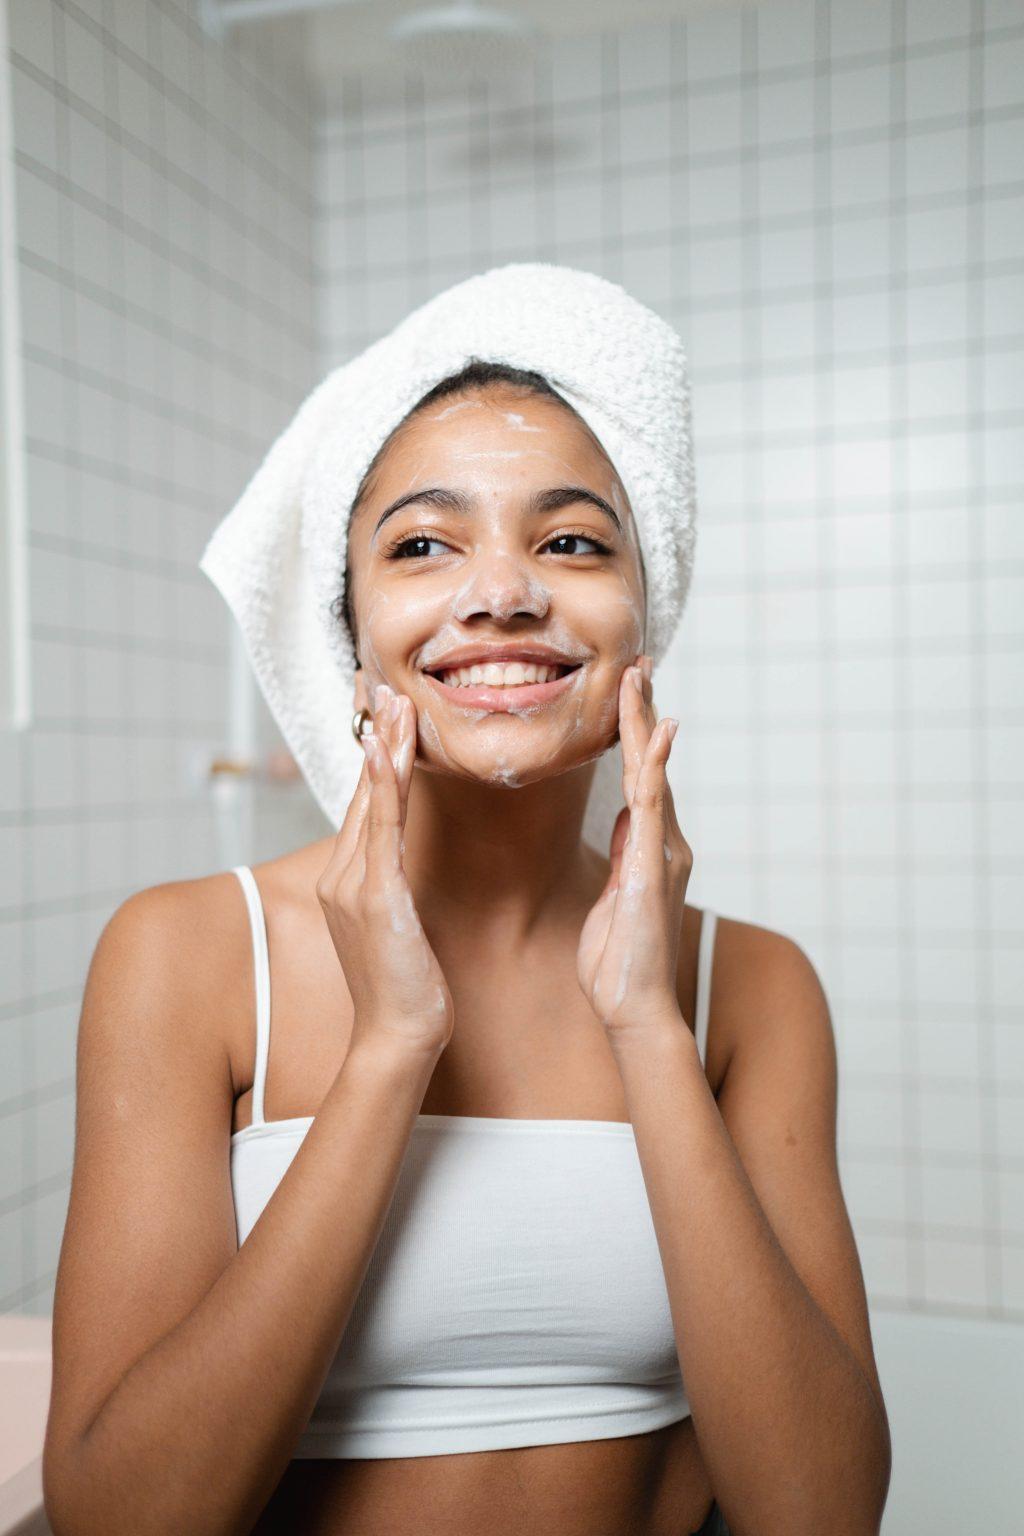 Sử dụng đúng liều lượng chăm sóc da để đạt được hiệu quả tối ưu